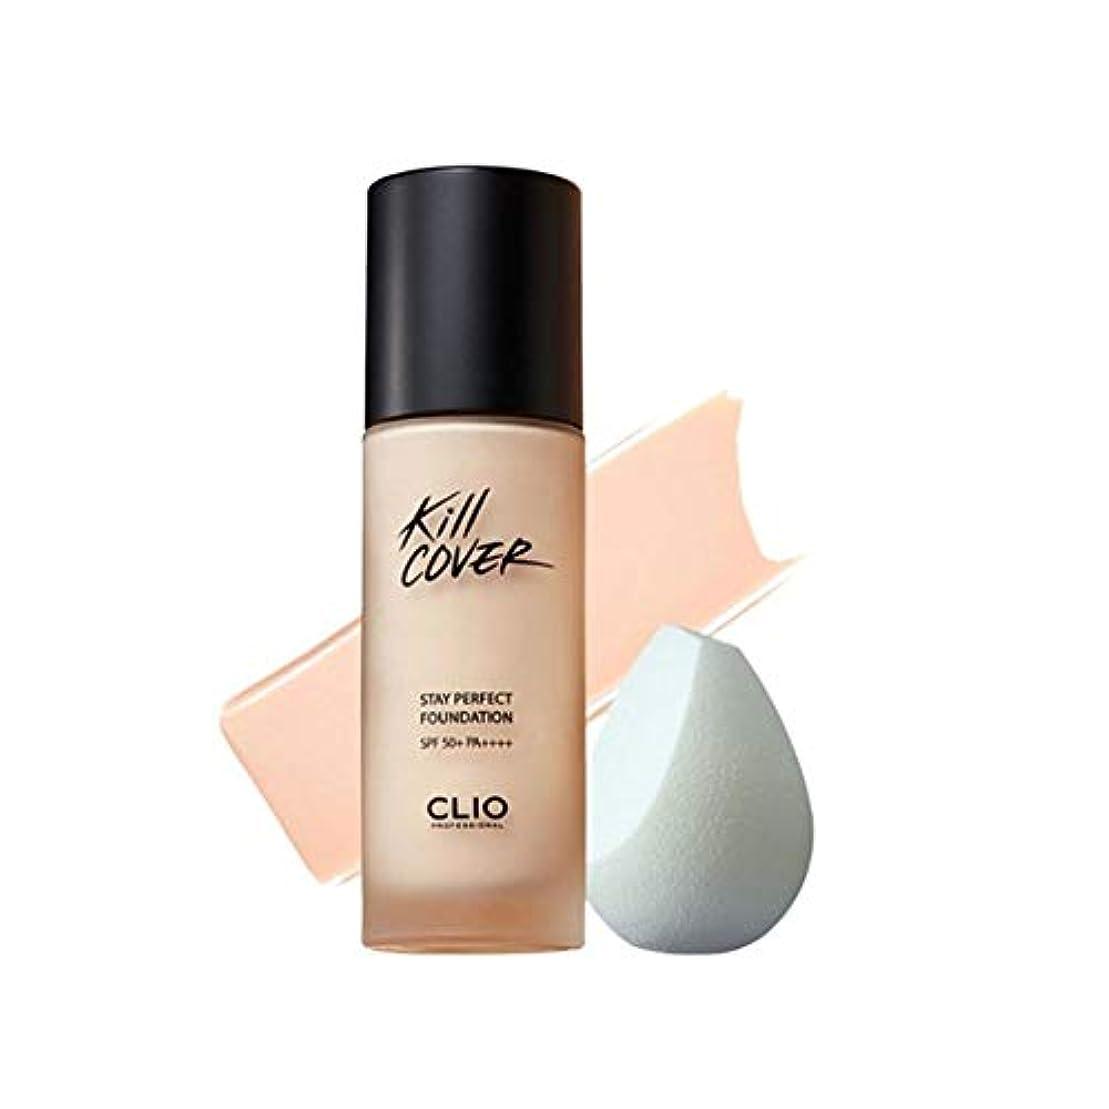 根拠墓地分割クリオキルカバーステイパーフェクトファンデーション 35g 4カラー 韓国コスメ、Clio Kill Cover Stay Perfect Foundation 35g 4 Colors Korean Cosmetics...